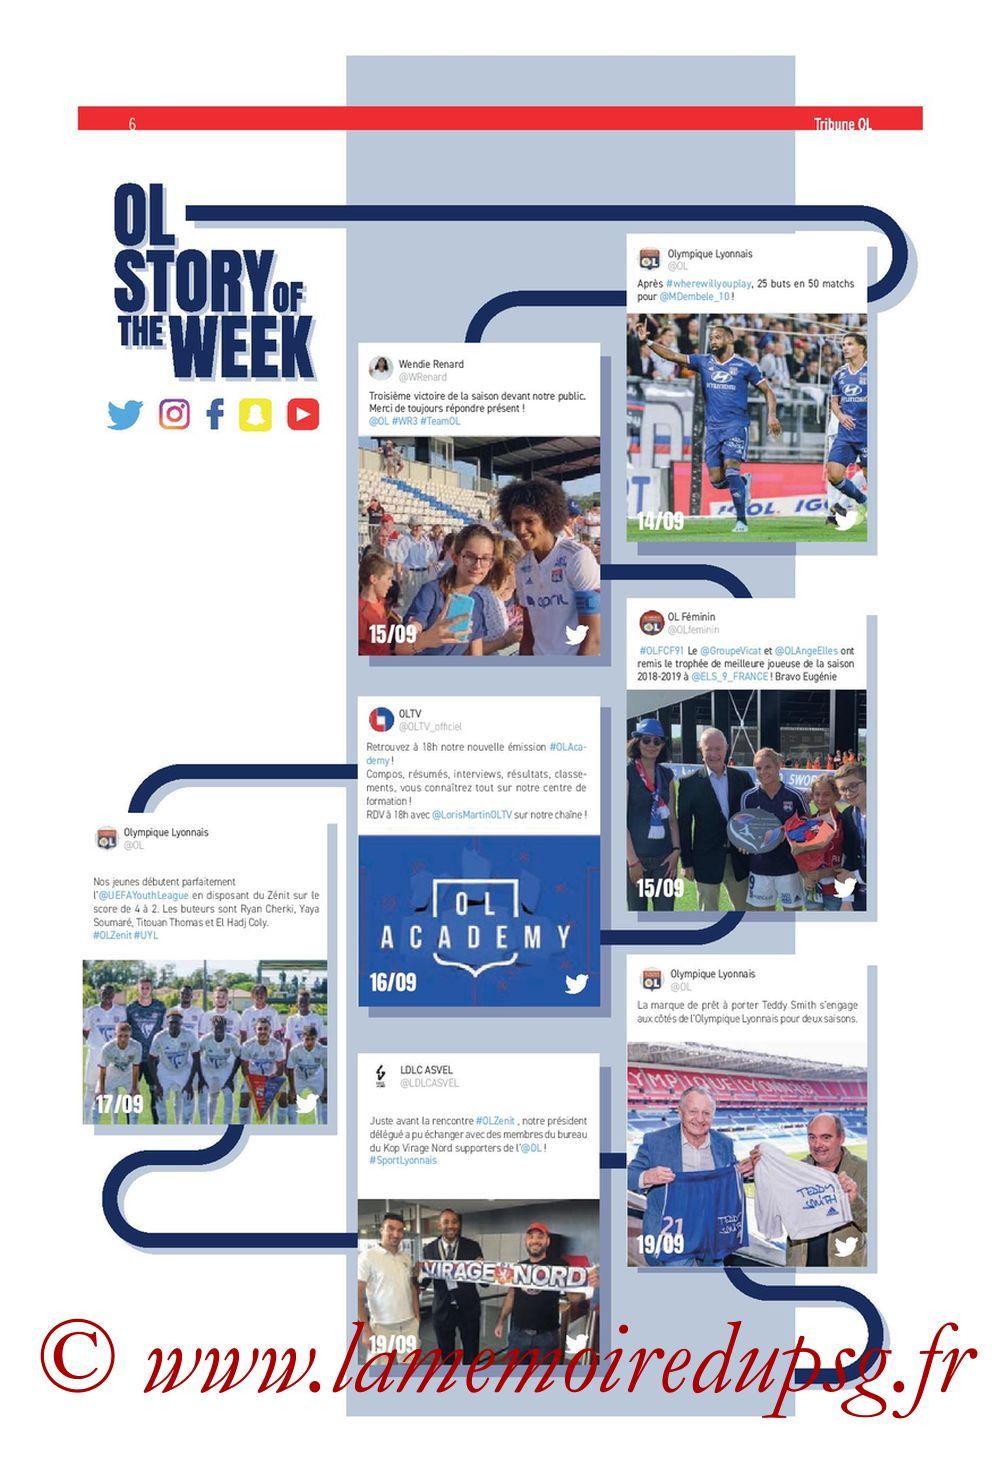 2019-09-22  Lyon-PSG (6ème L1, Tribune OL N°284) - Page 06